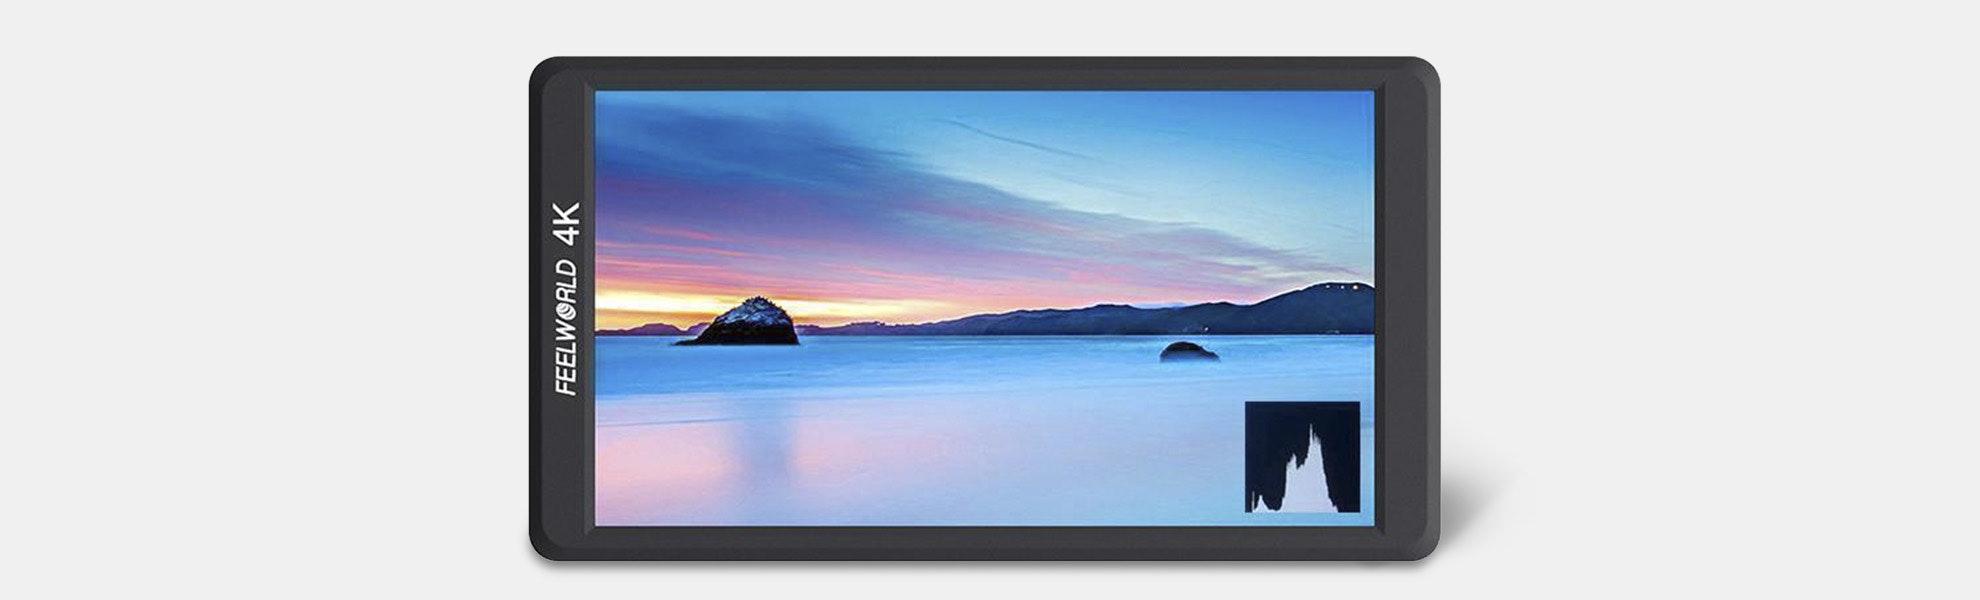 FeelWorld F570 5.7″ IPS HD Monitor